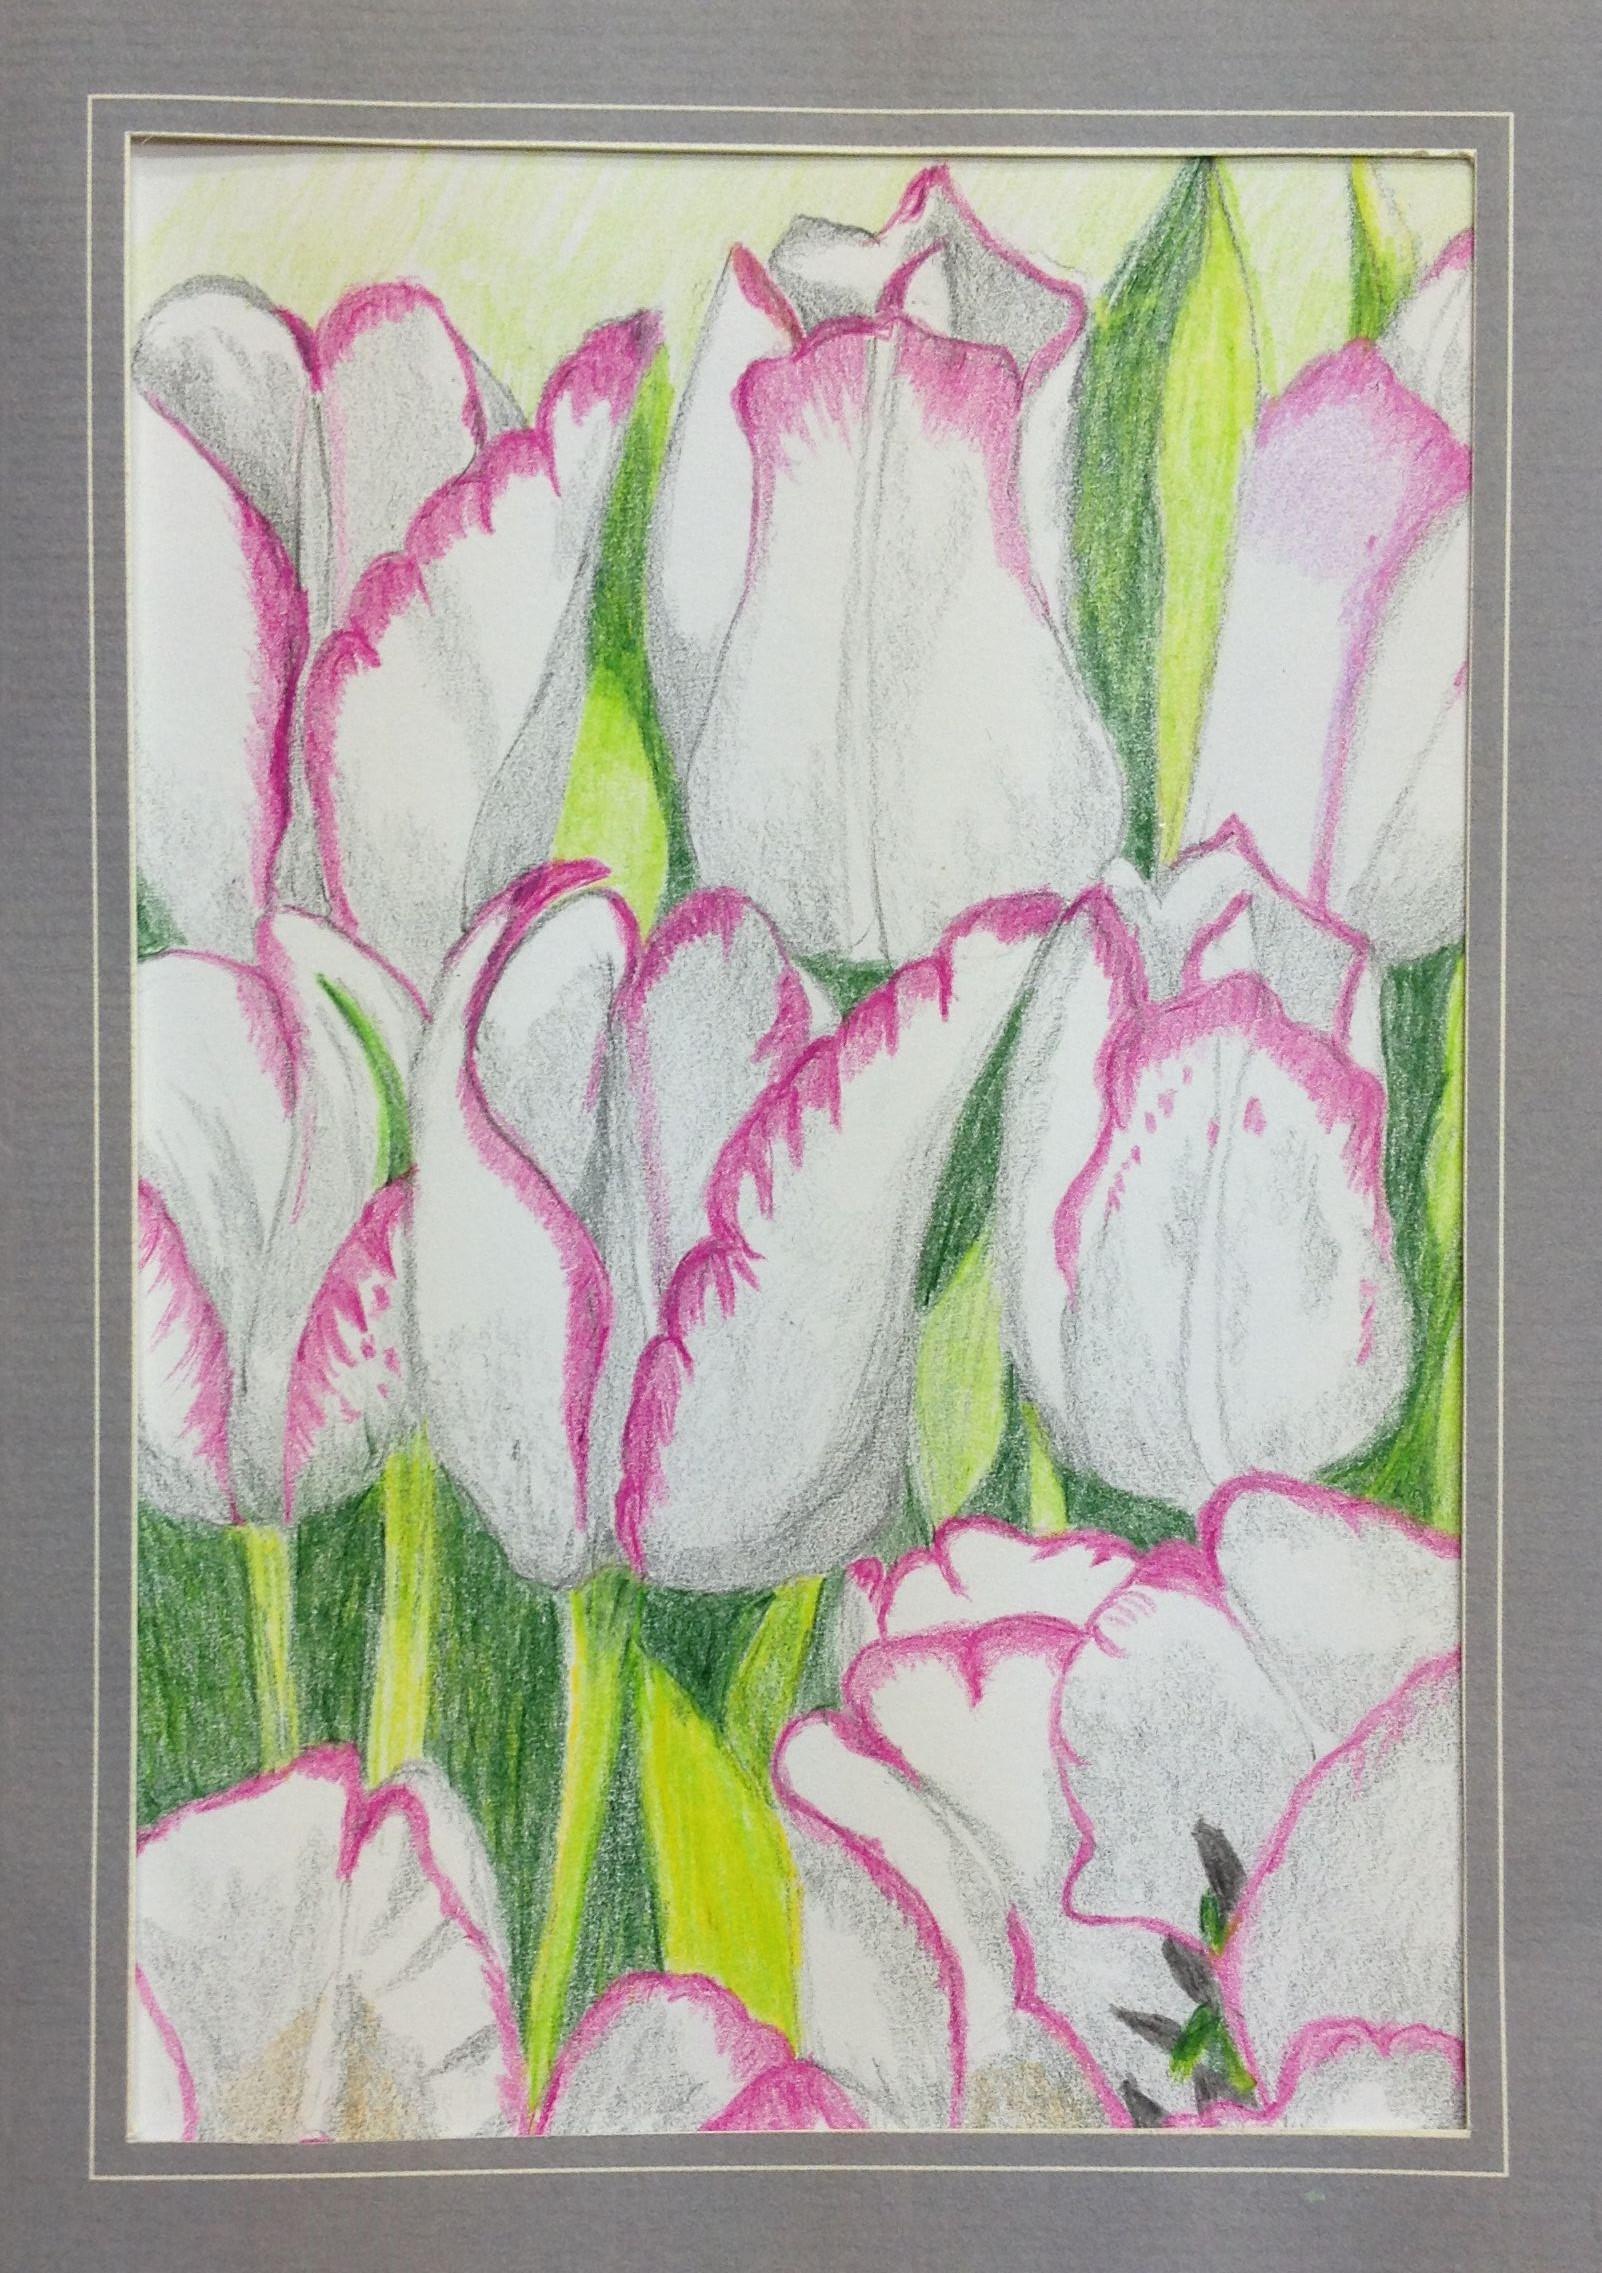 Kleurpotlood op papier, formaat 15 x 20 cm